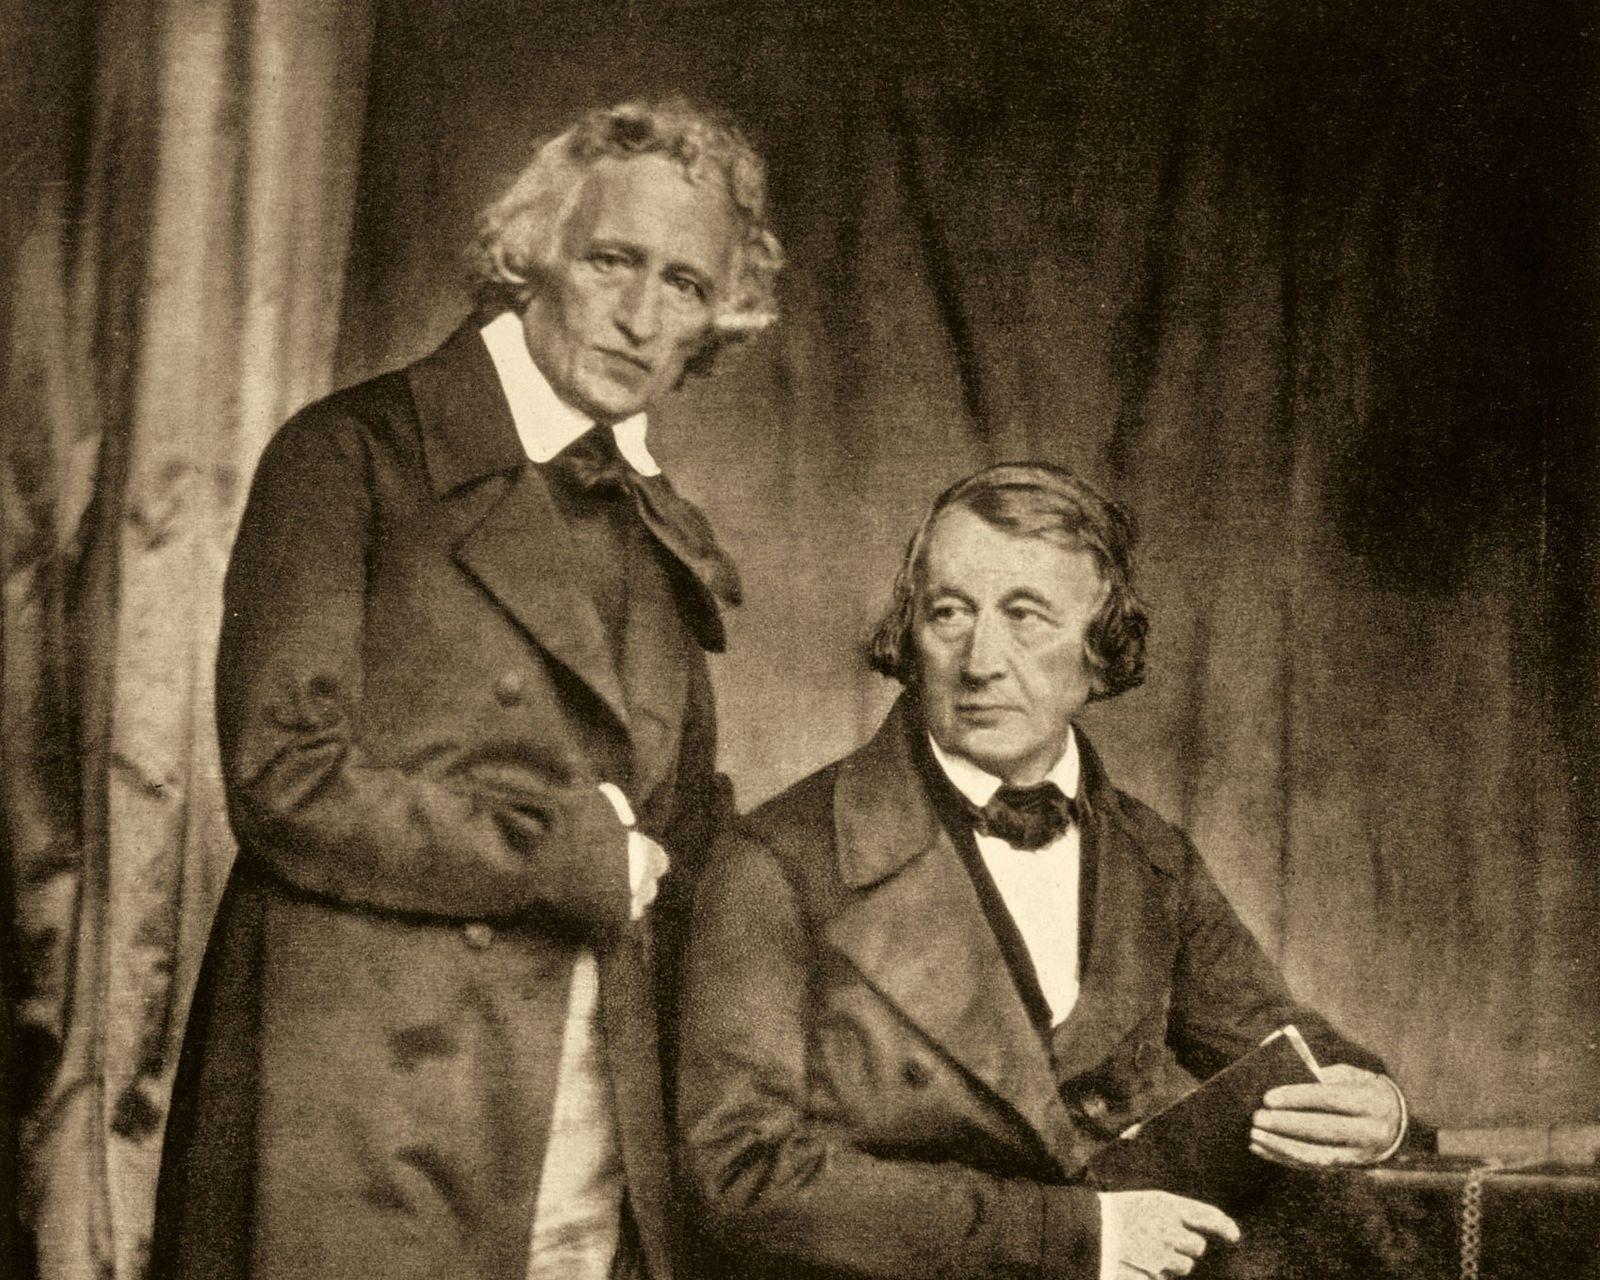 Os irmãos quando mais velhos: Jacob (em pé) e Wilhelm Grimm em um daguerreótipo de cerca ...